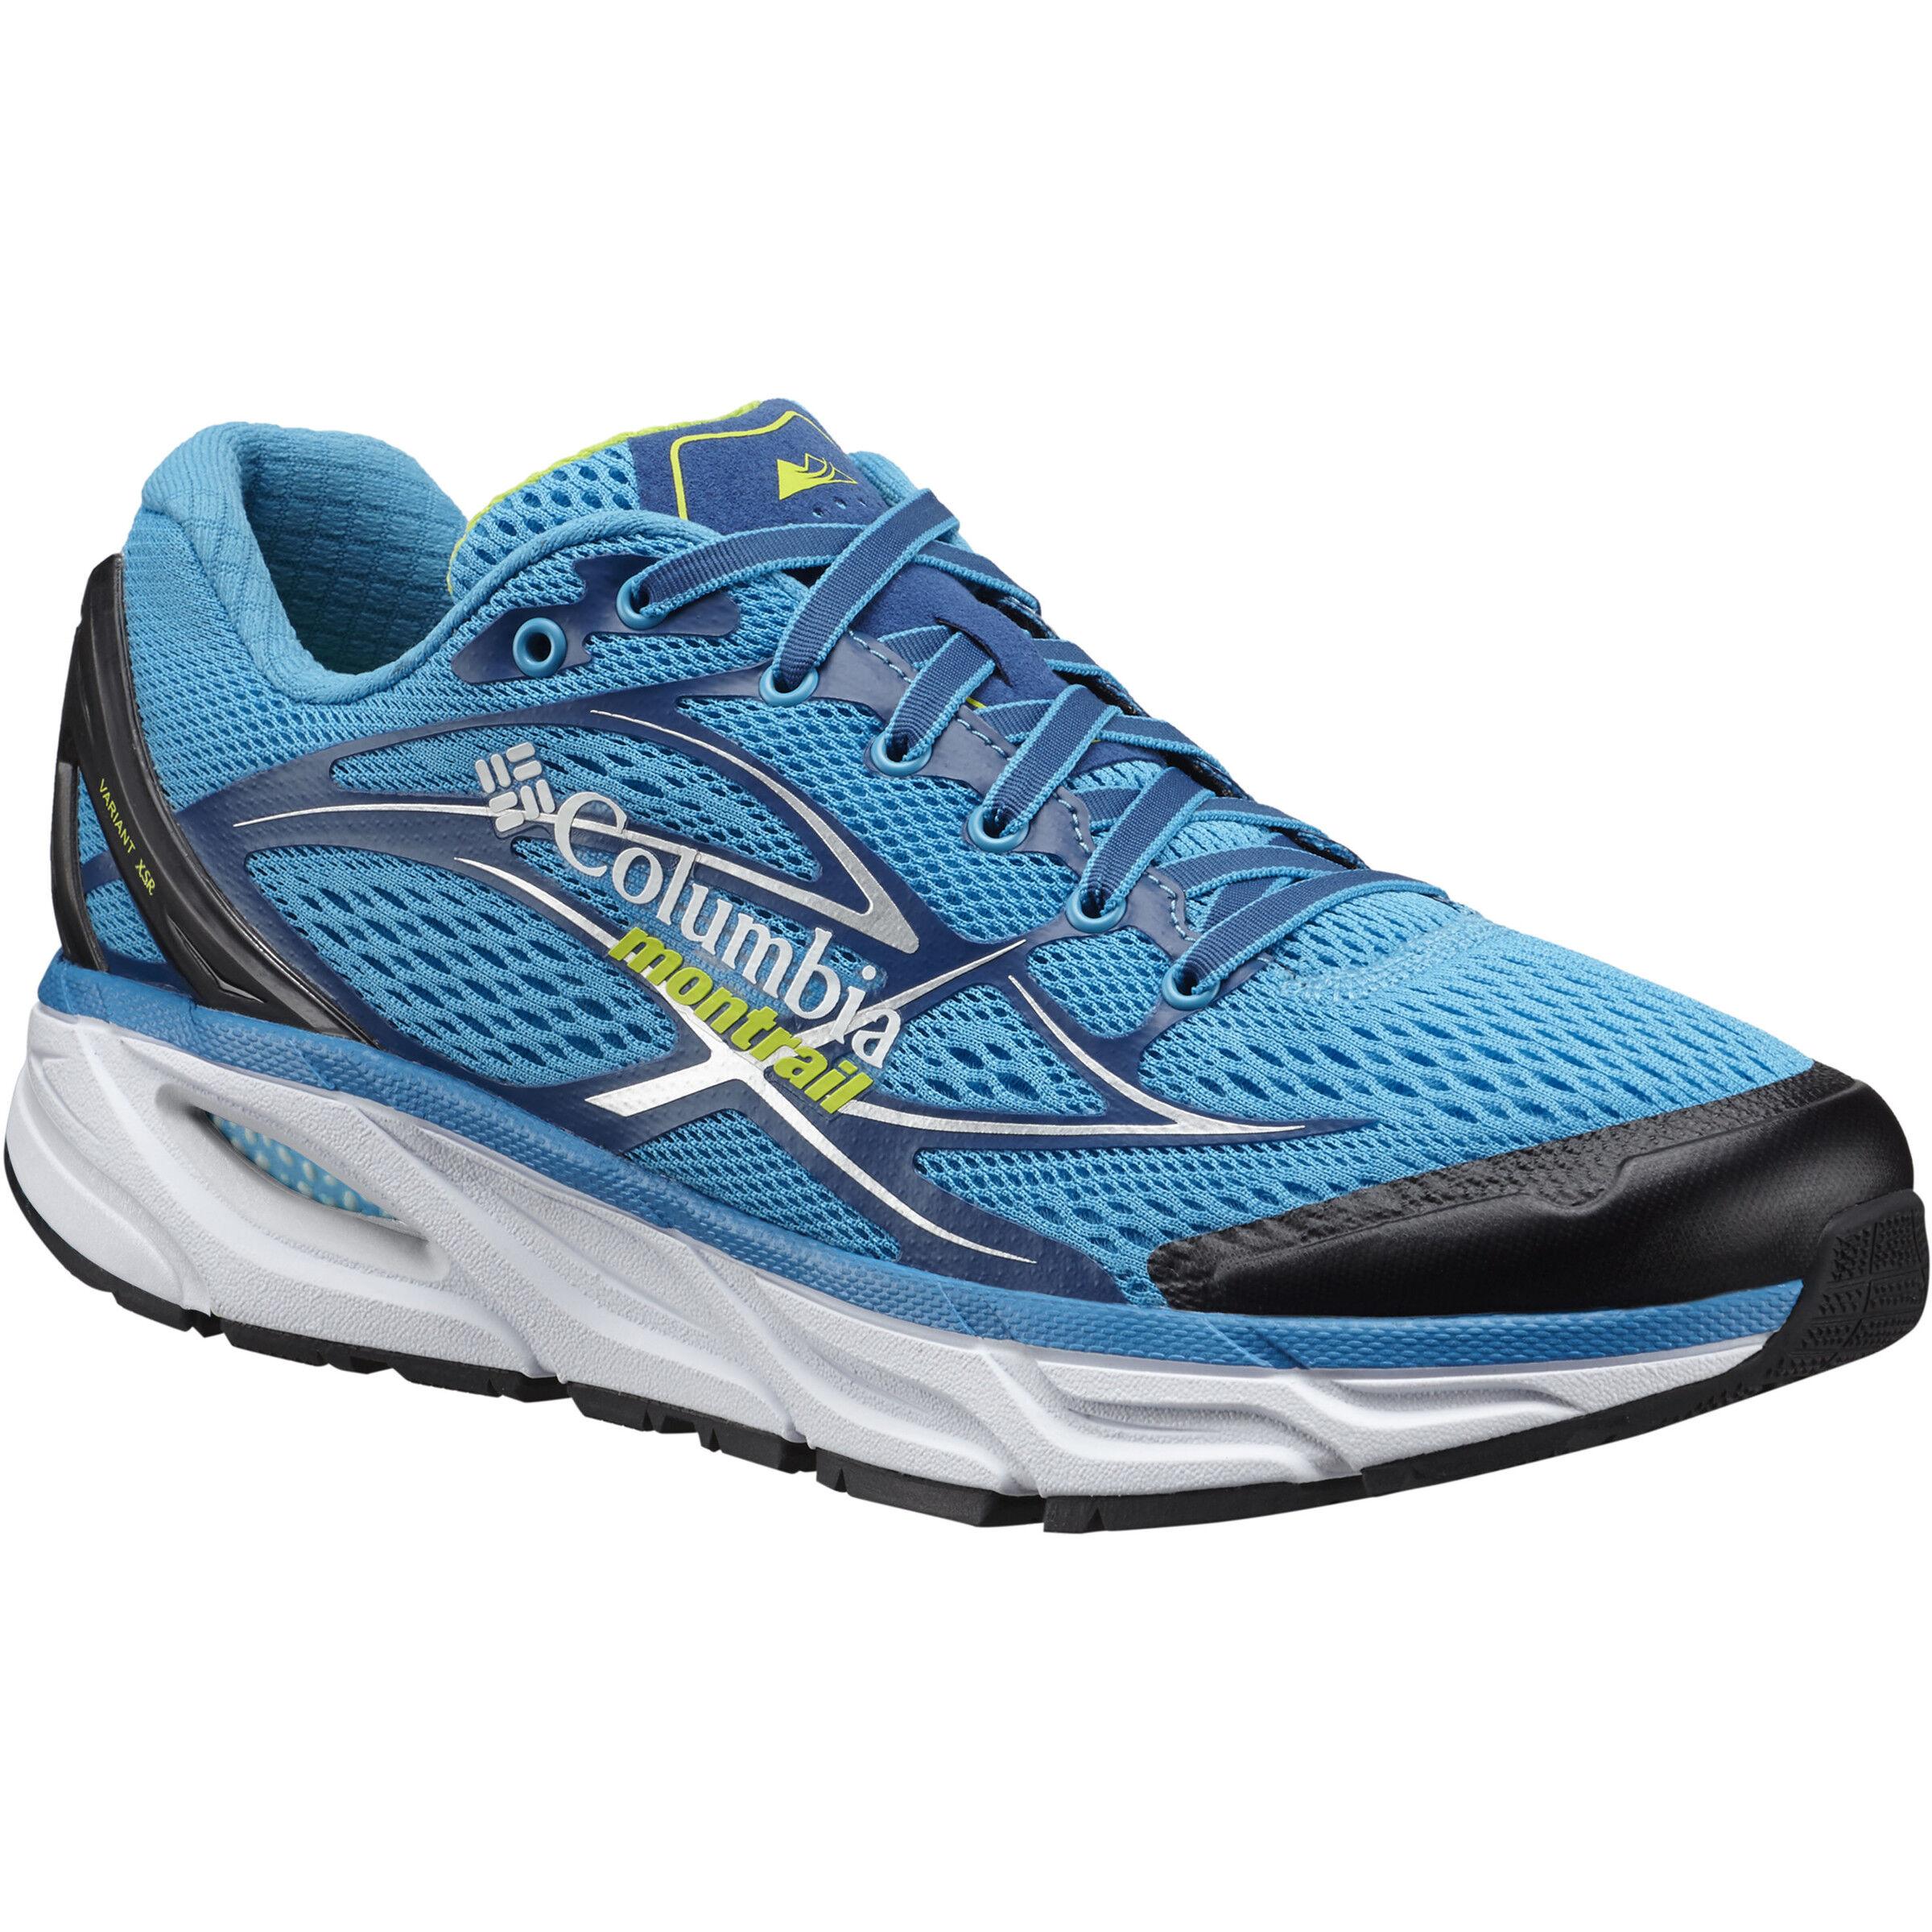 ohne Pronation (Neutral) | shop 24.ch Schuhe online kaufen